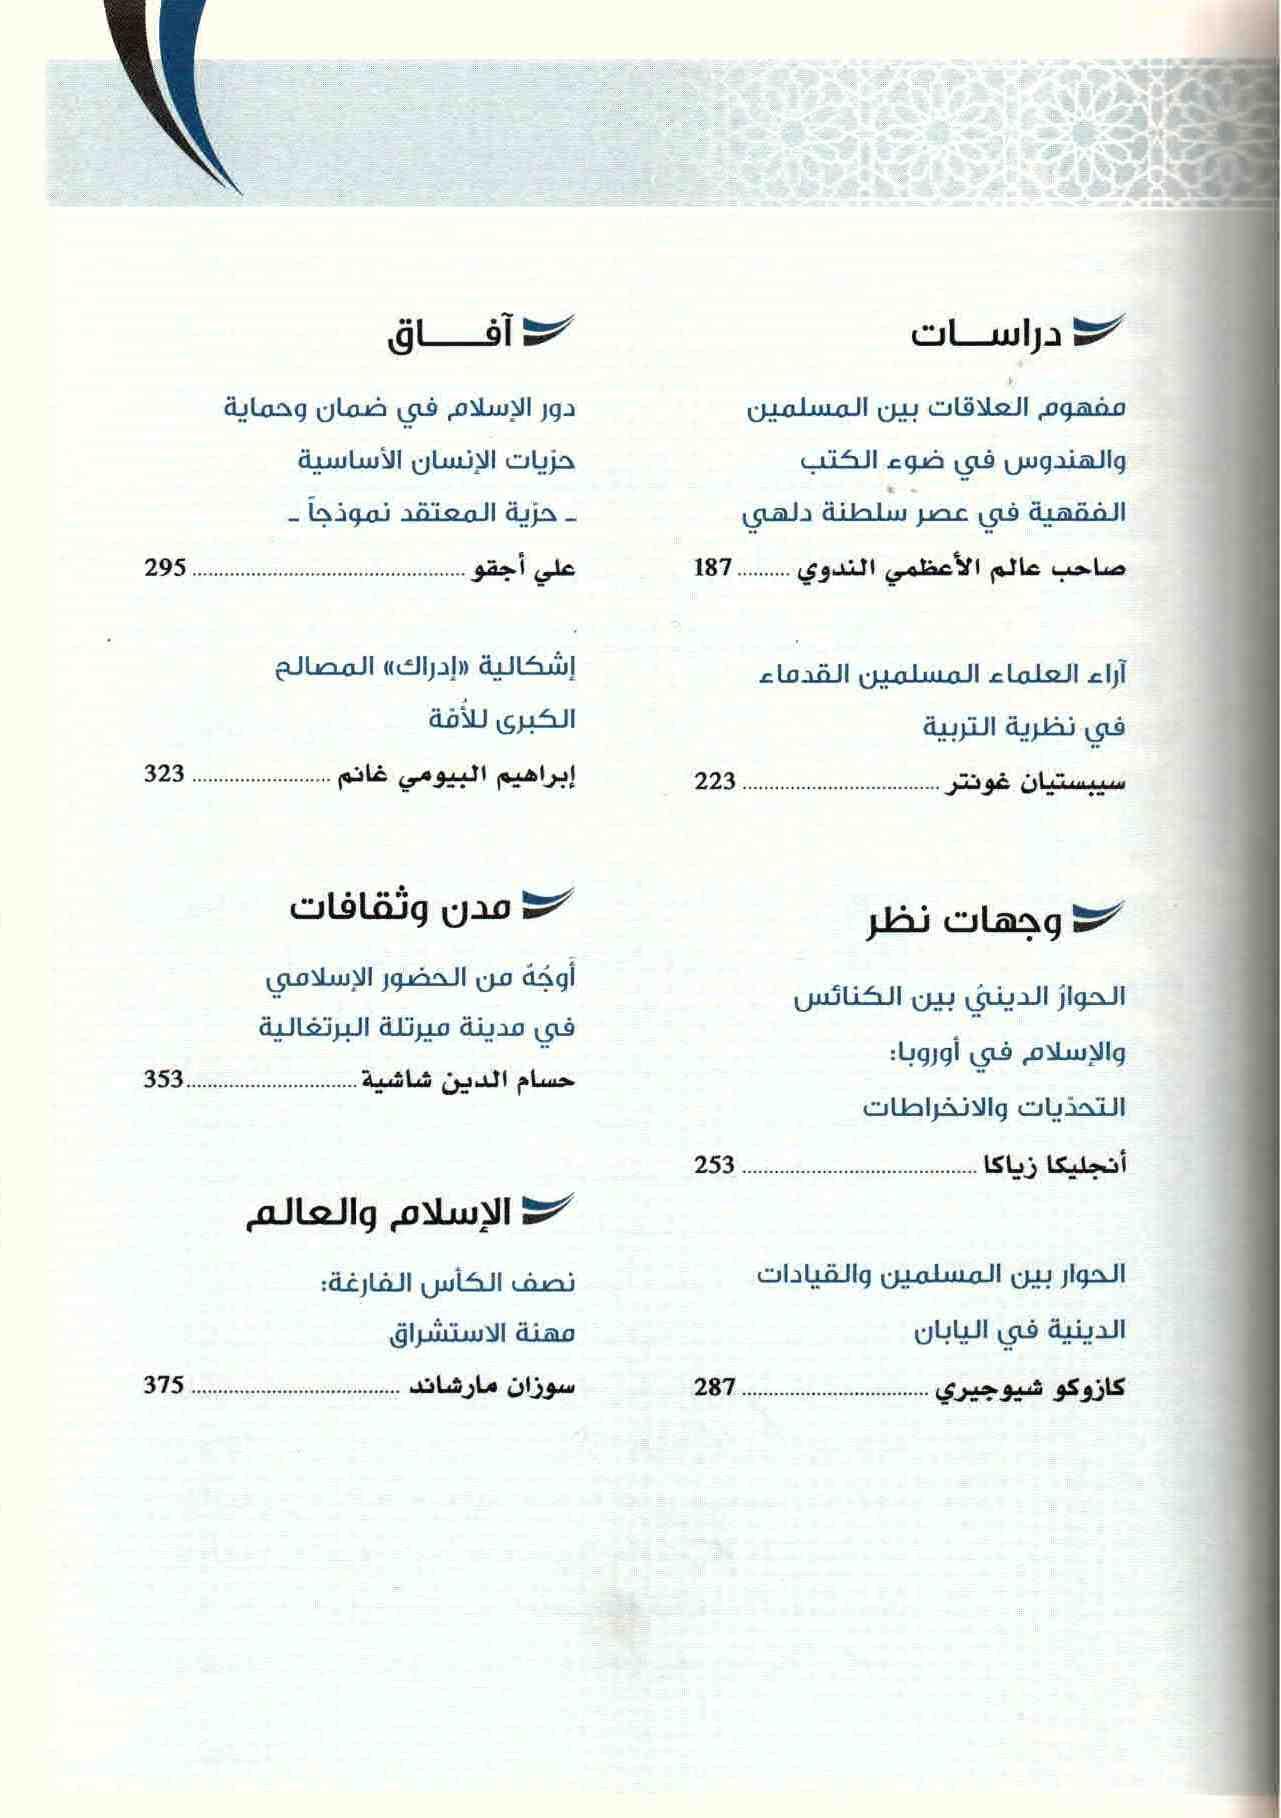 ص. 5 قائمة محتويات ع. 51 مجلة التفاهم.